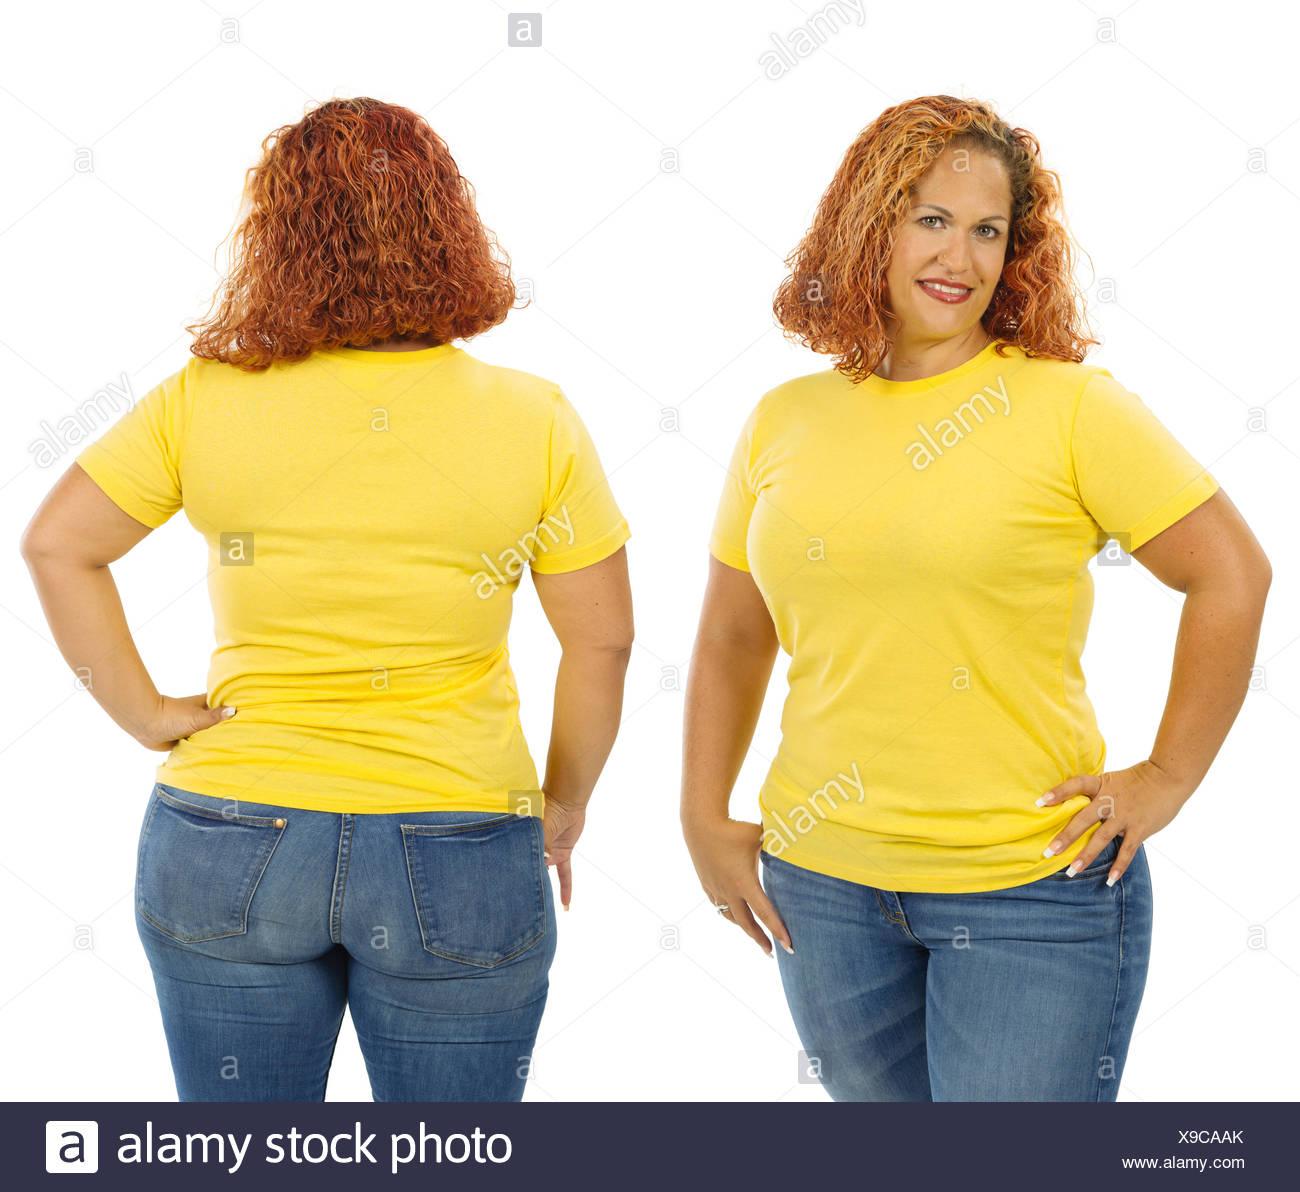 Mujer Camiseta Vistiendo Y La Amarilla Foto Delante Blanco En Detrás HeEW9ID2Y